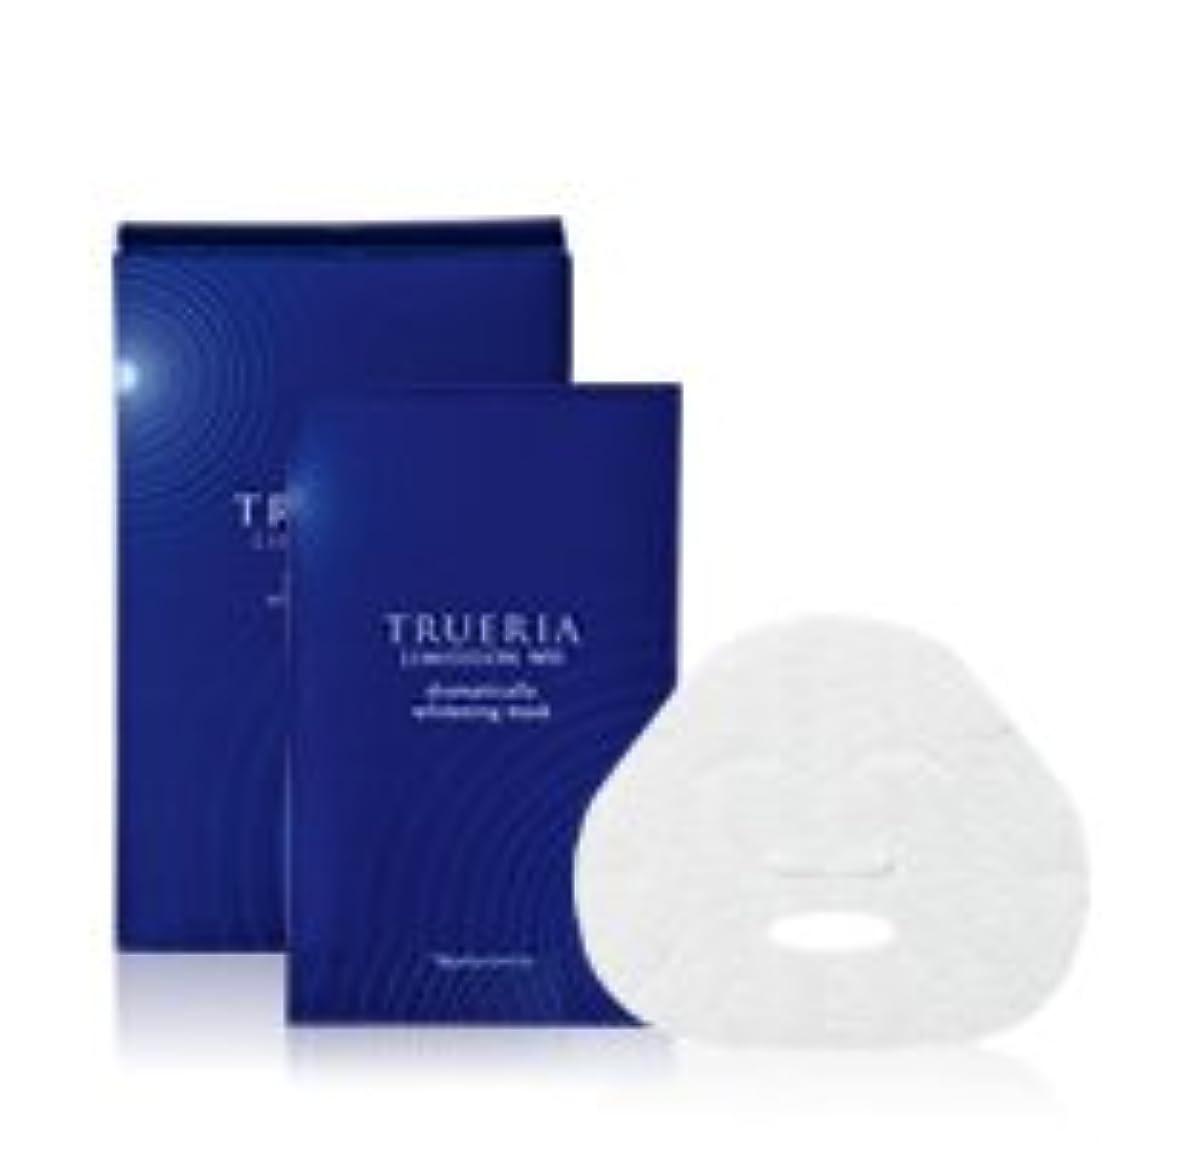 オアシス懇願するタイトナリス化粧品 トゥルーリア リミッション WH ドラマティカリーホワイトニングマスク 22ml 8枚